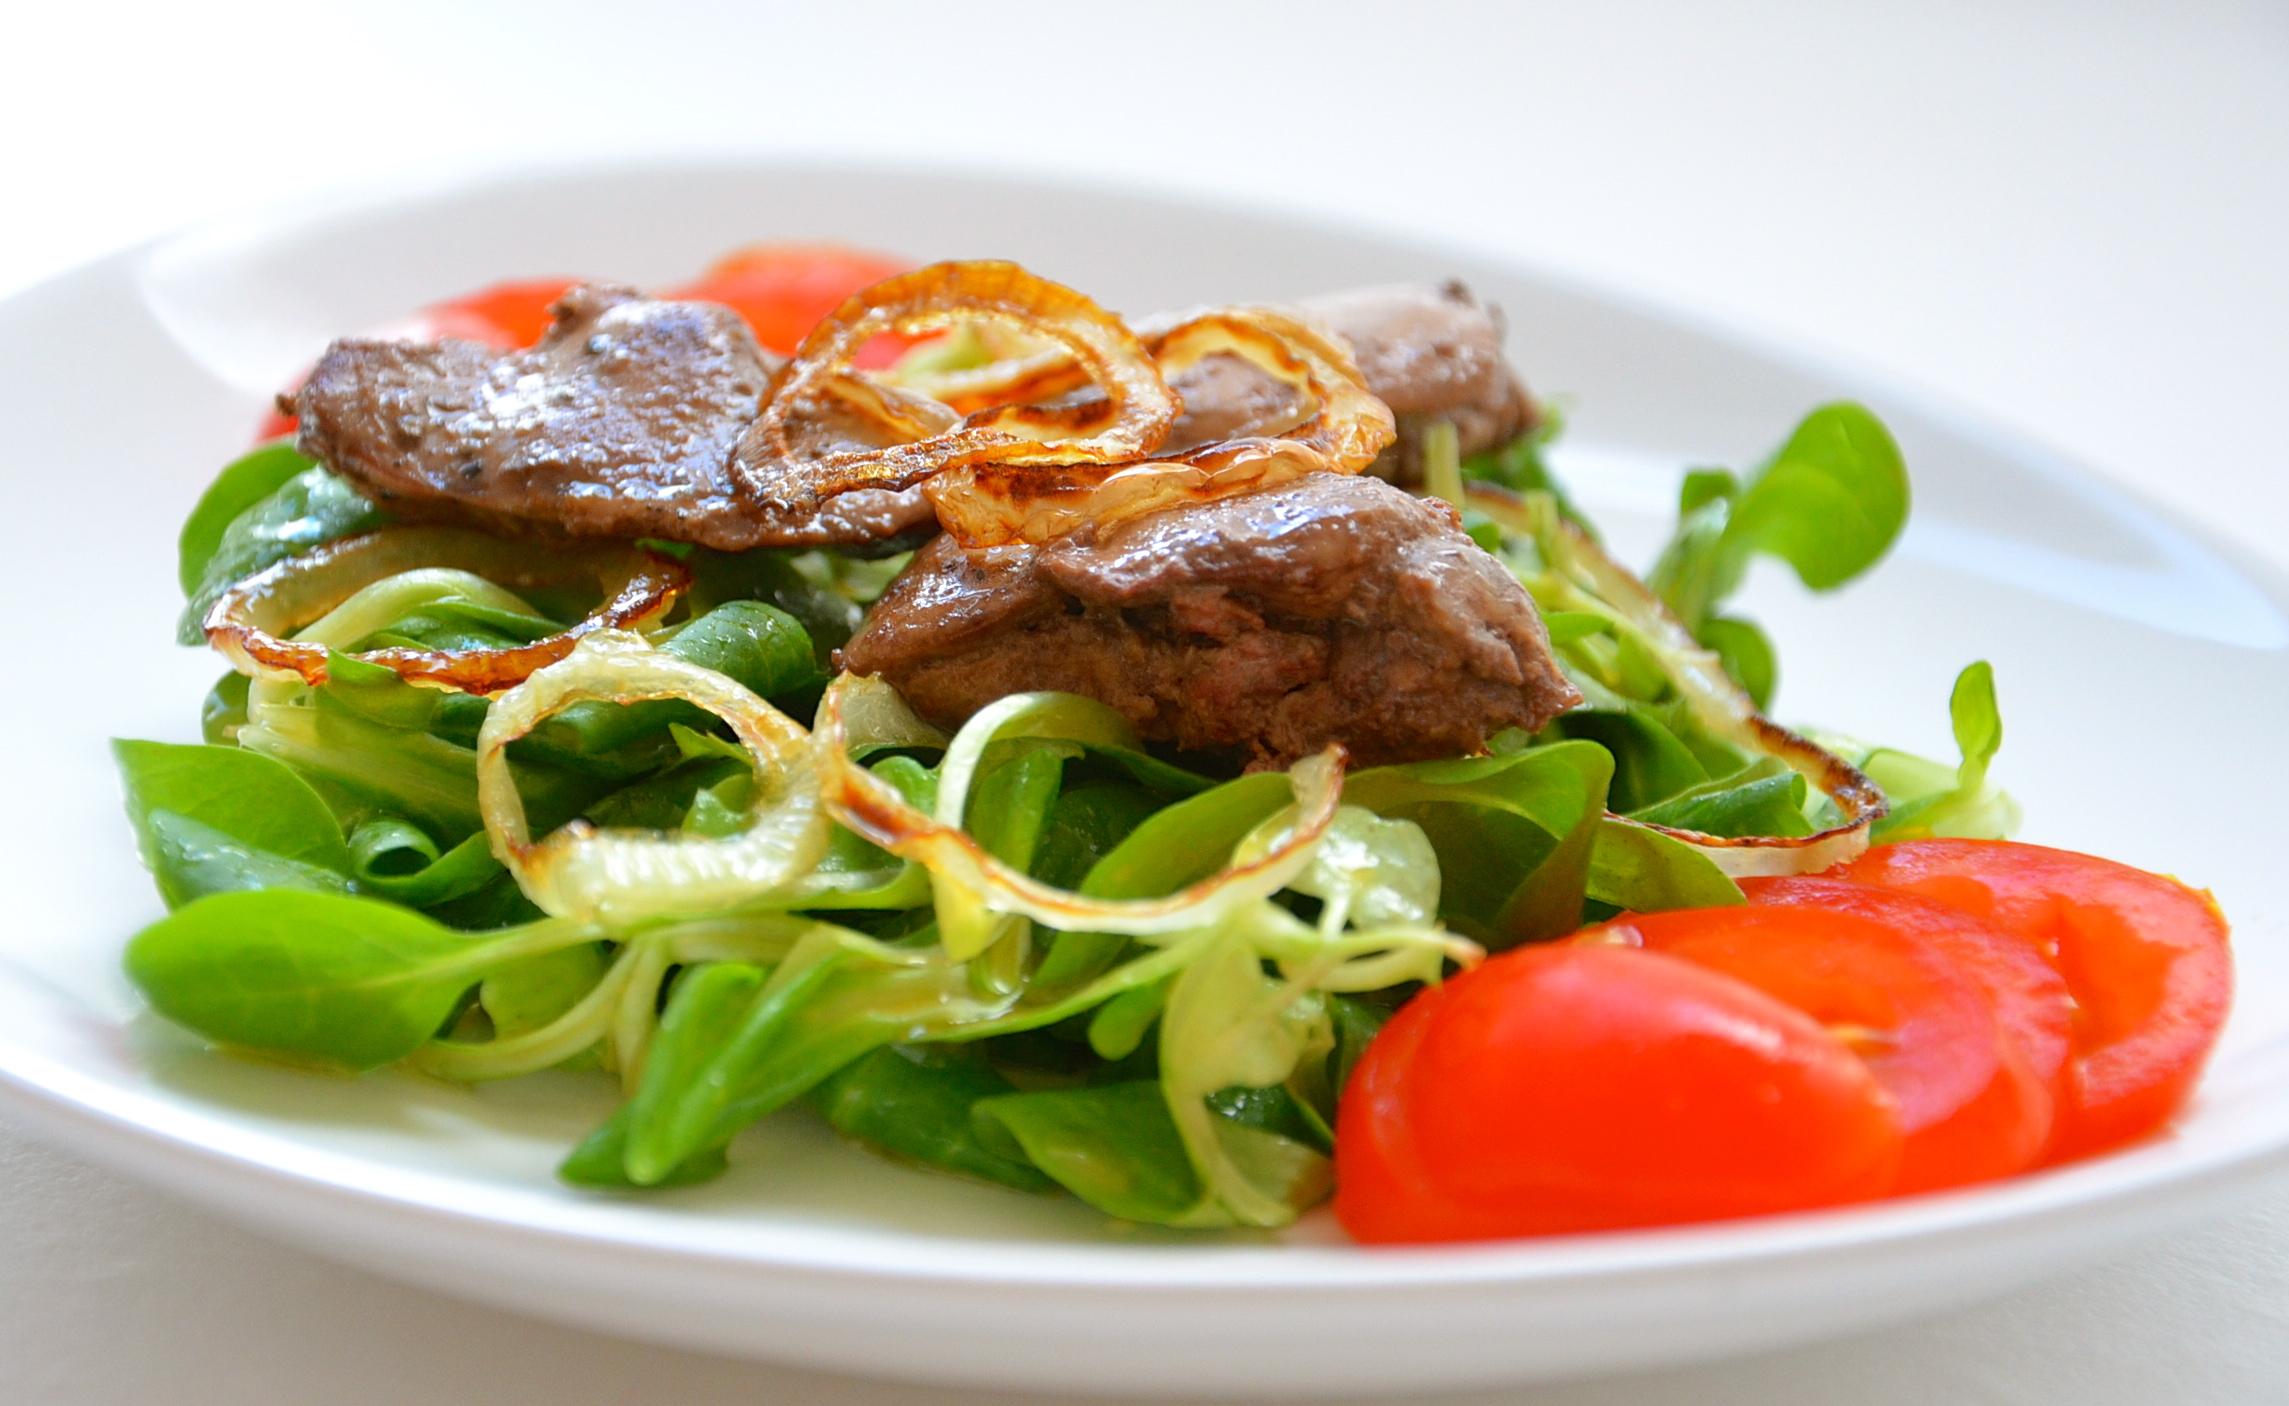 салат с куриным мясом фото рецепт #15